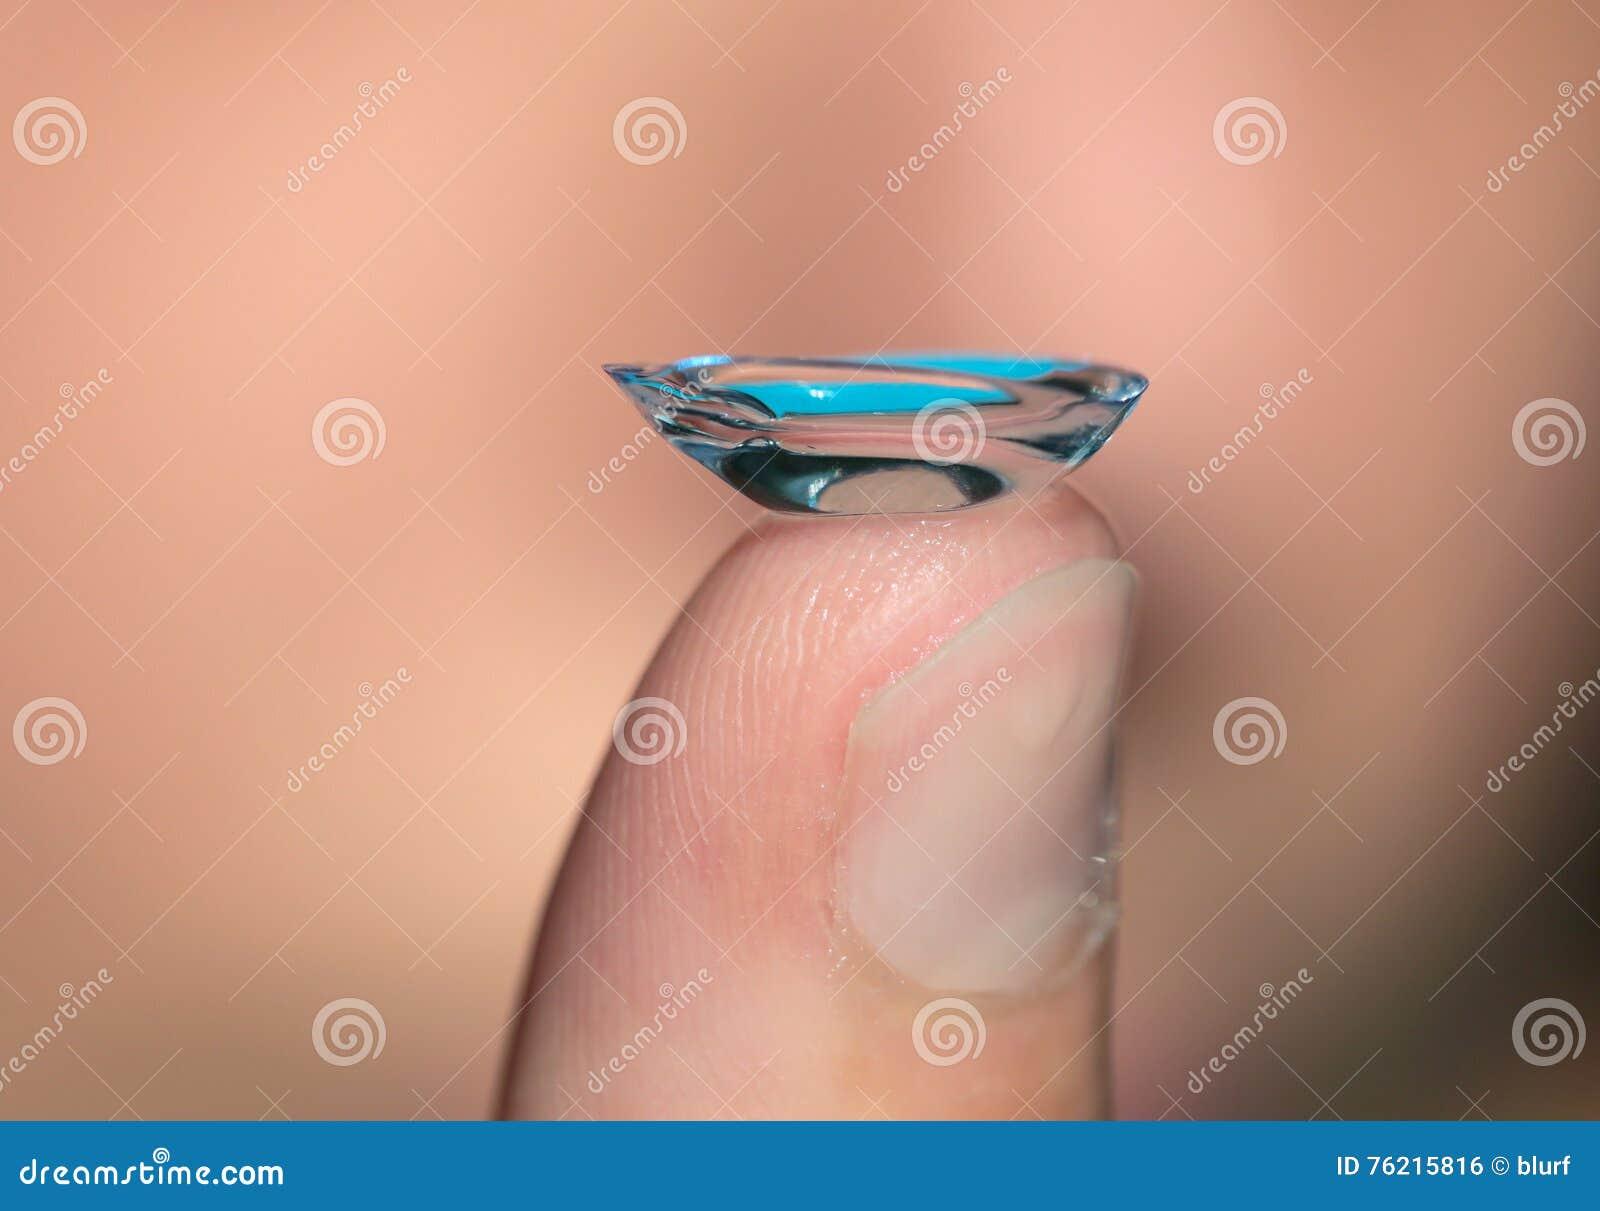 Kontaktlins på ett finger